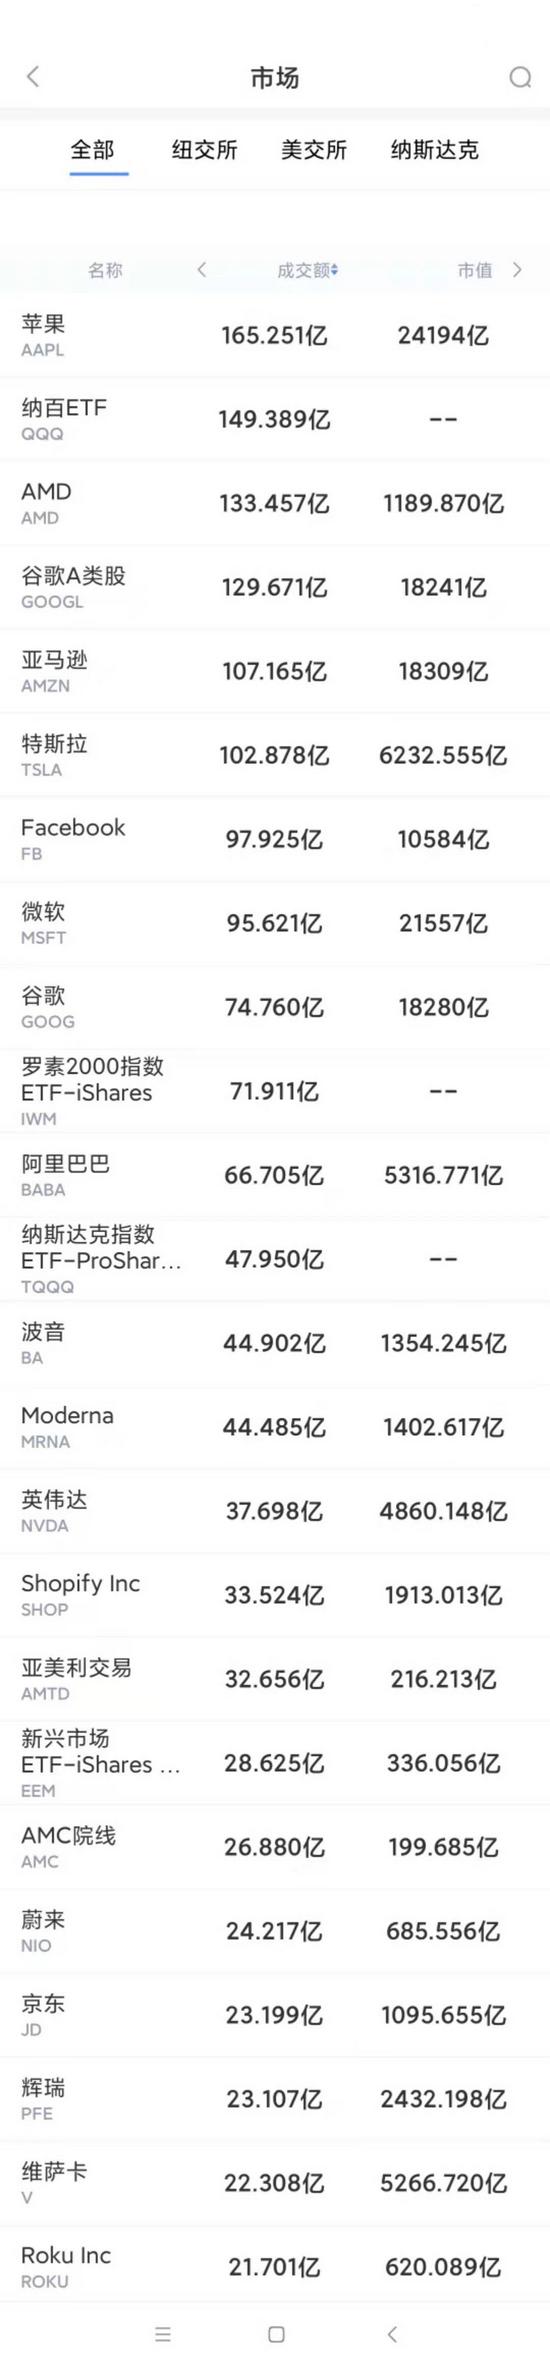 7月28日美股成交额最大20只股票 波音近两年来首次实现盈利